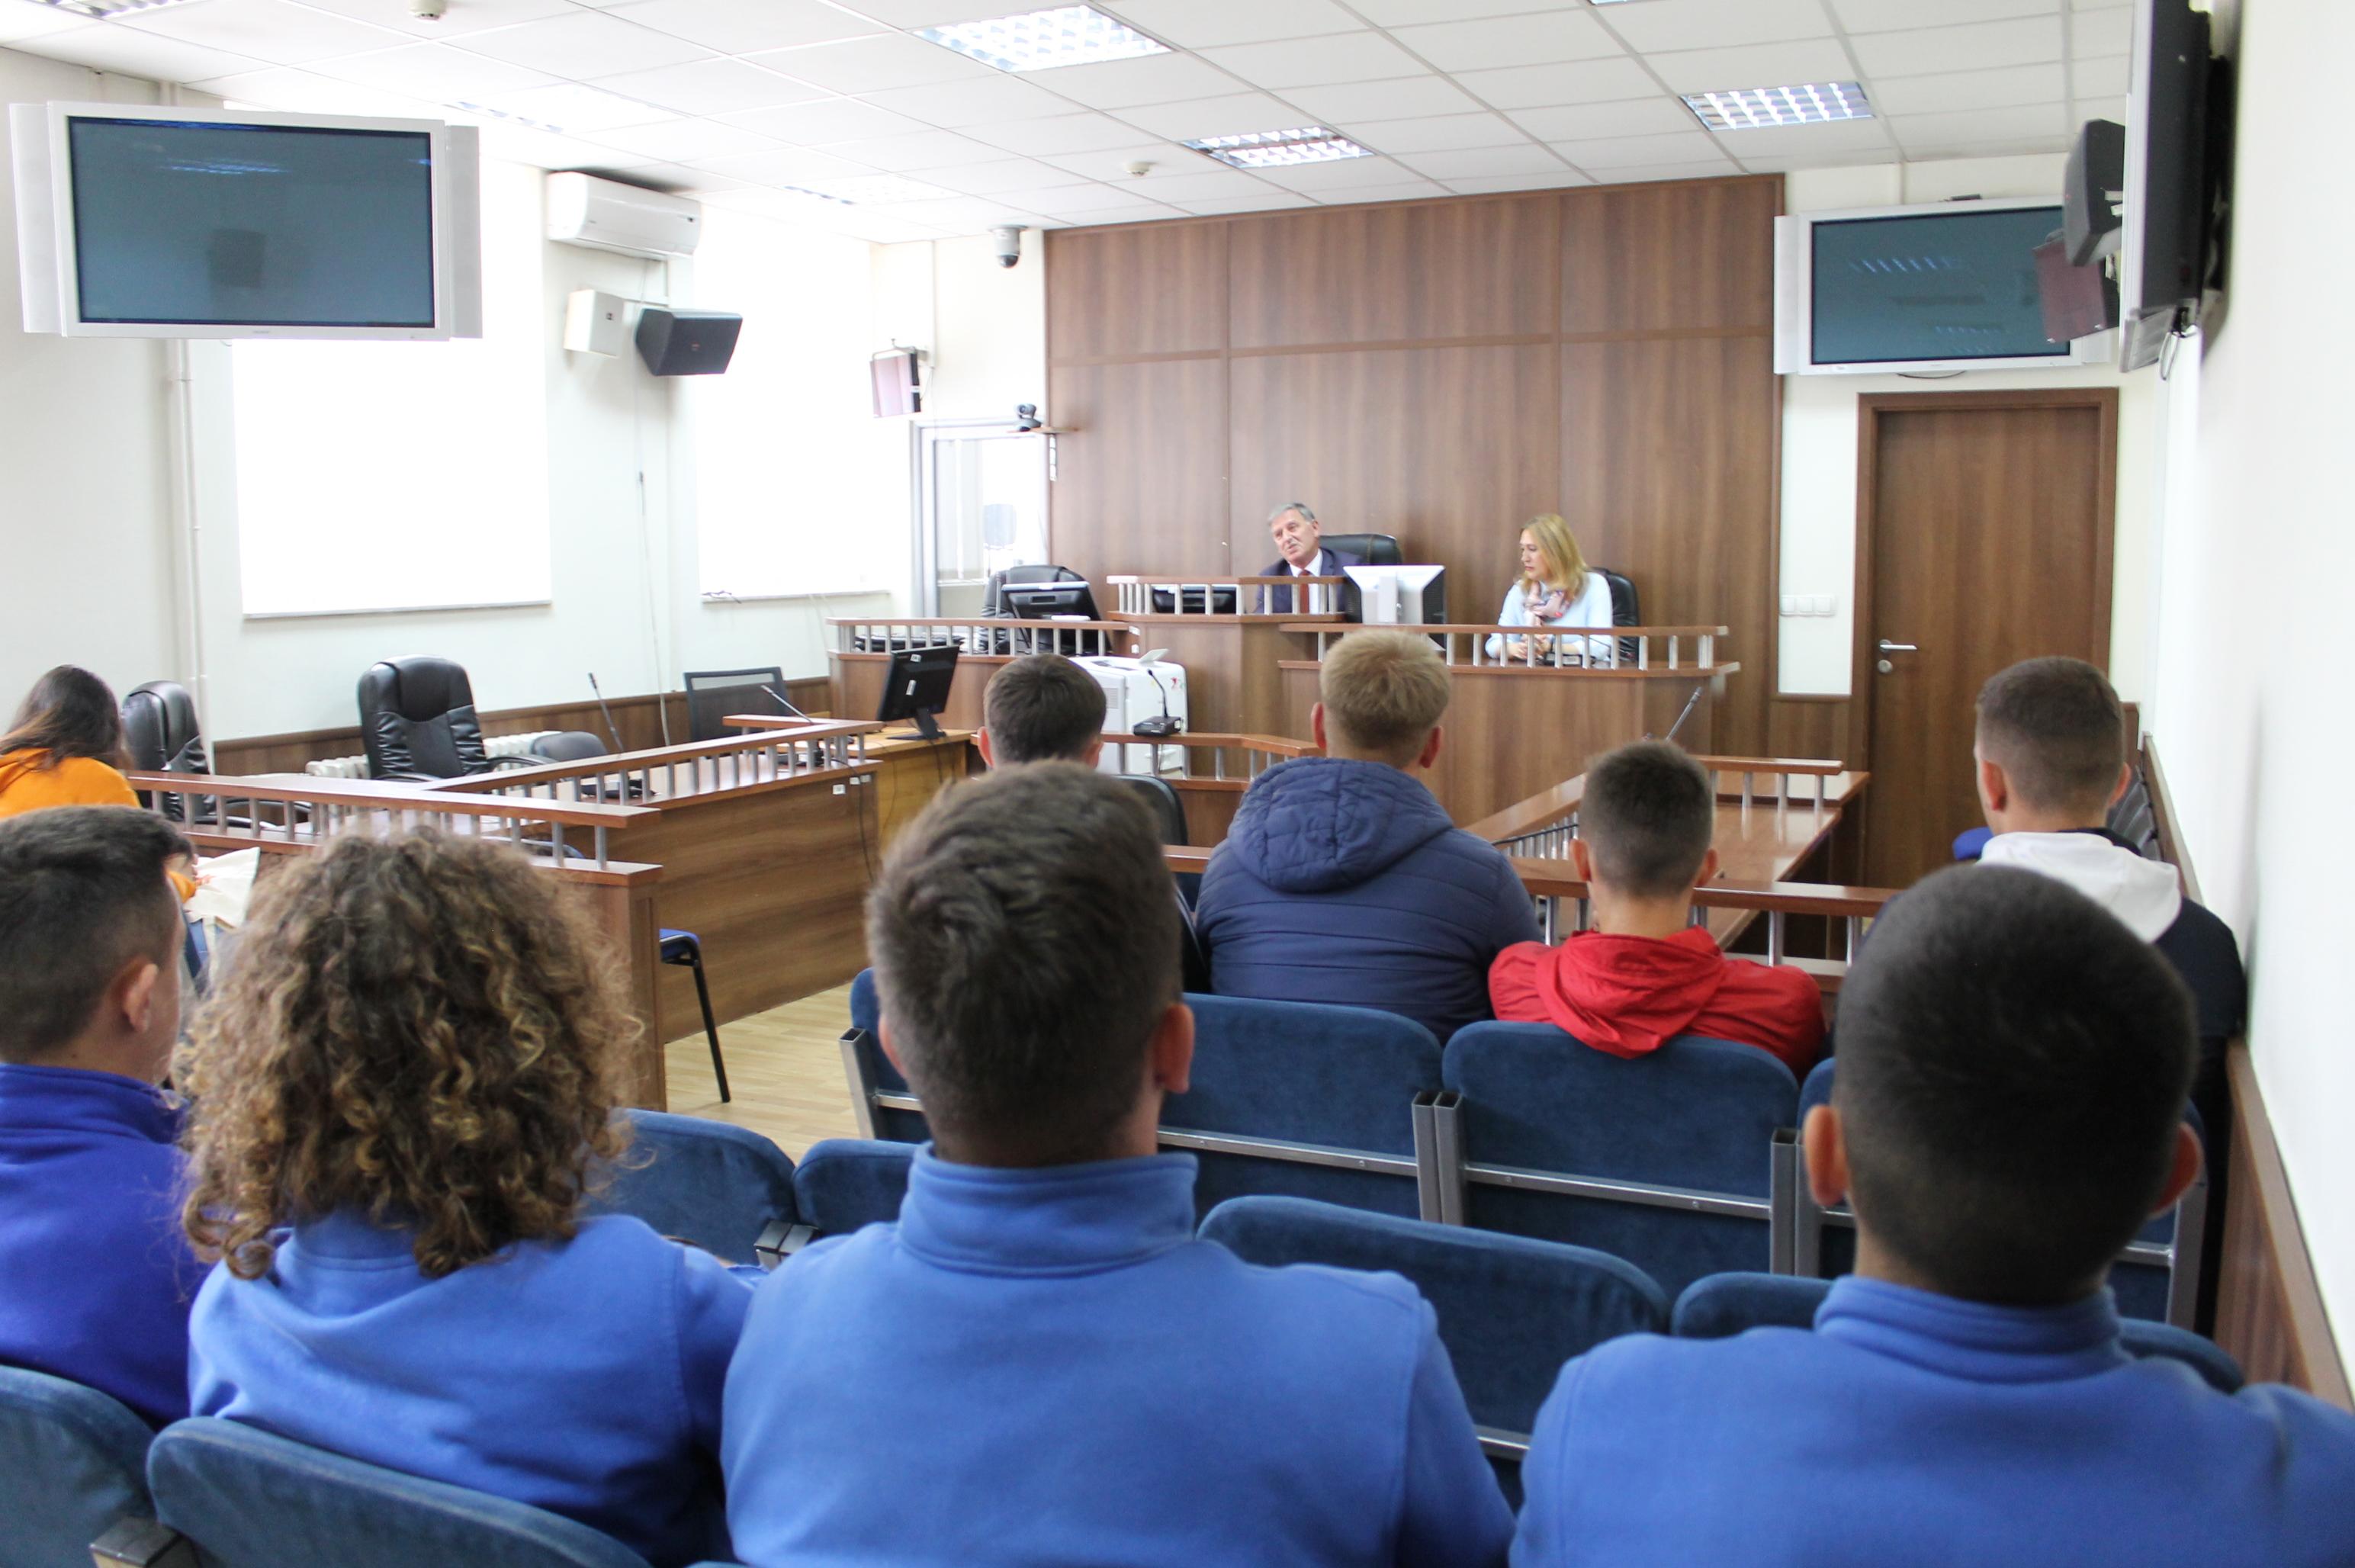 """Gjykatën Themelore të Prizrenit e vizituan nxënësit e klasave të  XI dhe XII, të shkollës """"Loyola"""" Gymnasium dhe nxënësit e shkollës """"11 Marsi"""" në Prizren."""